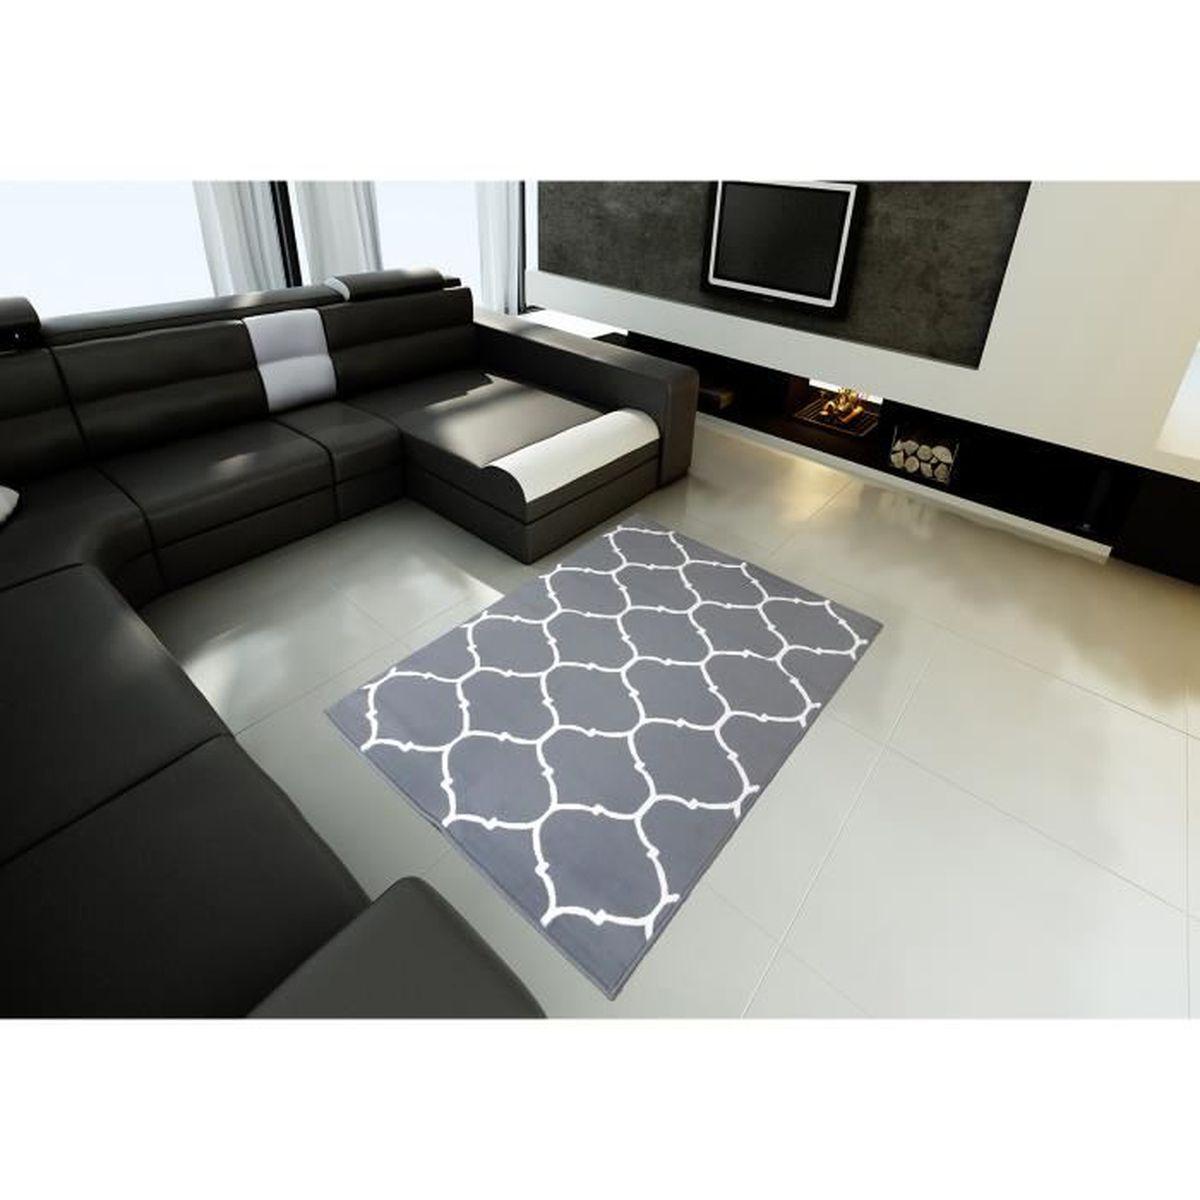 Tapis salon CLASSIQUE ORIENTAL gris DEBONSOL - 120x170cm